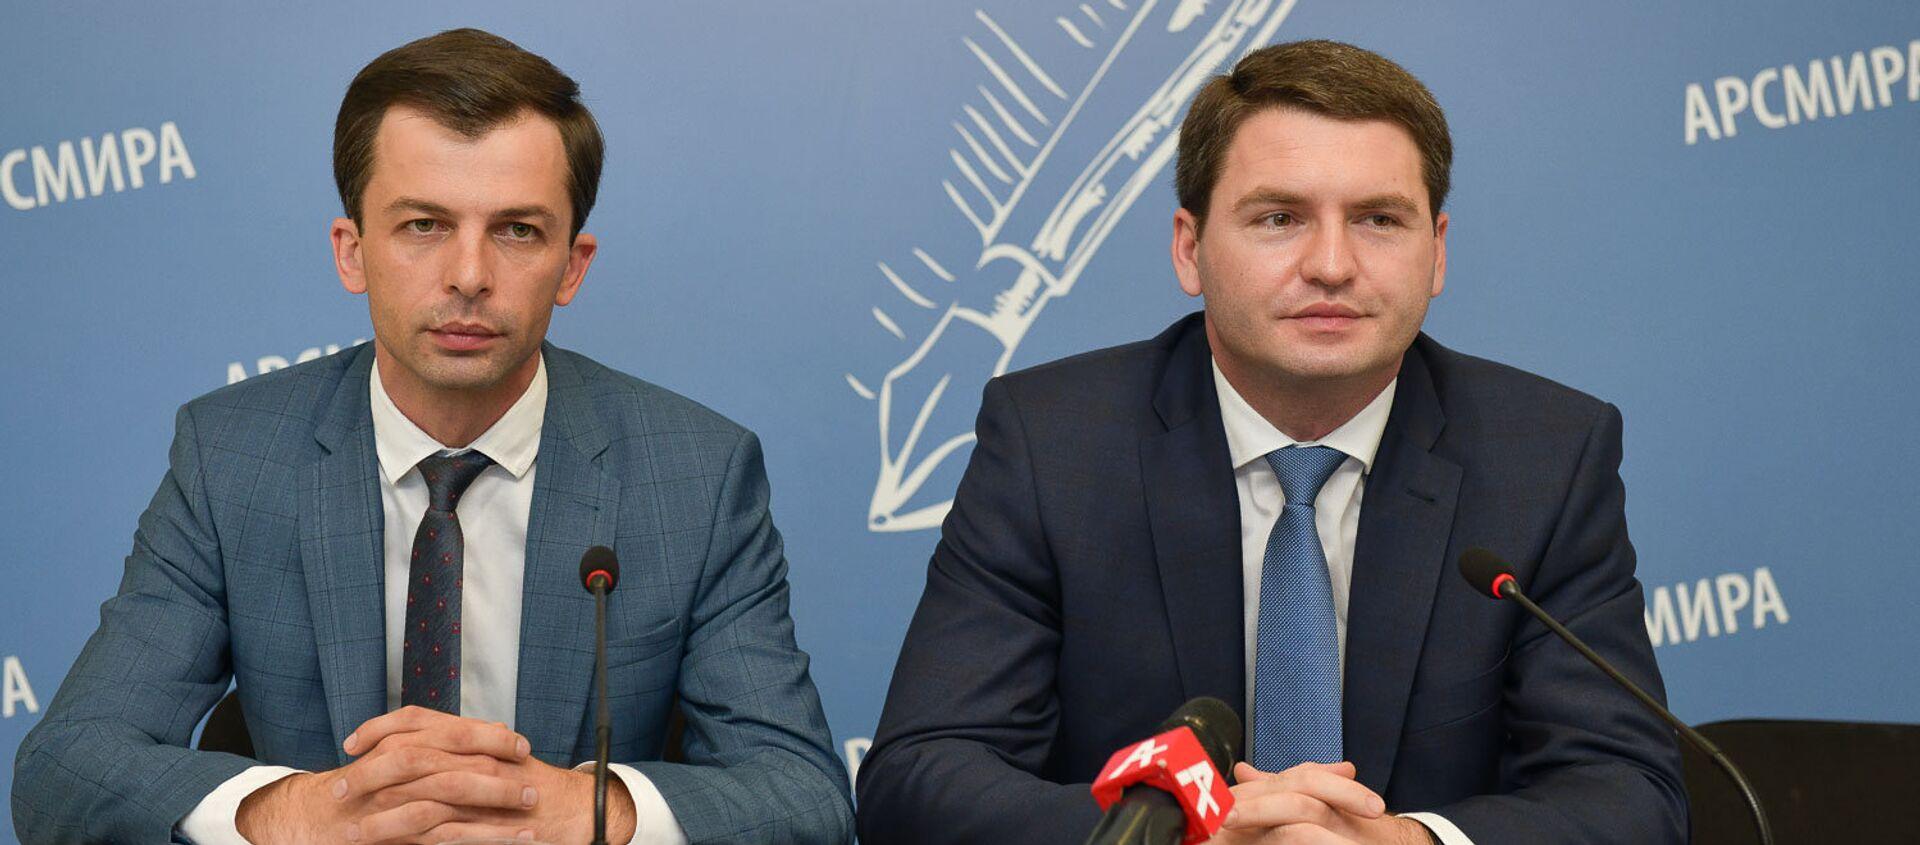 Пресс-конференция министра финансов и управления казначейства - Sputnik Абхазия, 1920, 18.07.2018